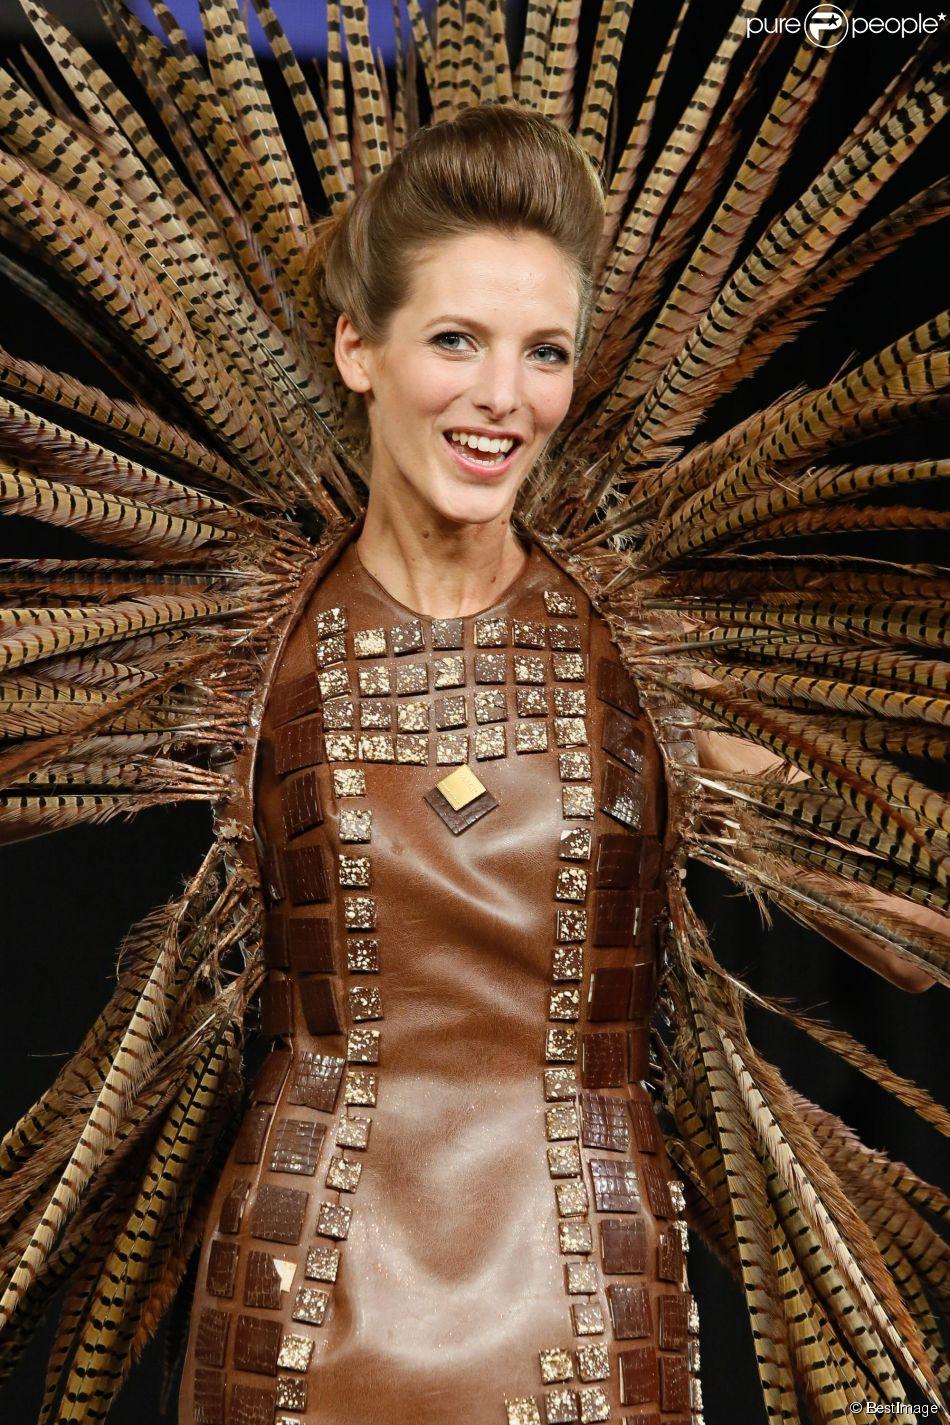 Elodie Varlet au Défilé du 20e Salon du chocolat 2014 au parc des expositions de la Porte de Versailles à Paris le 28 octobre 2014